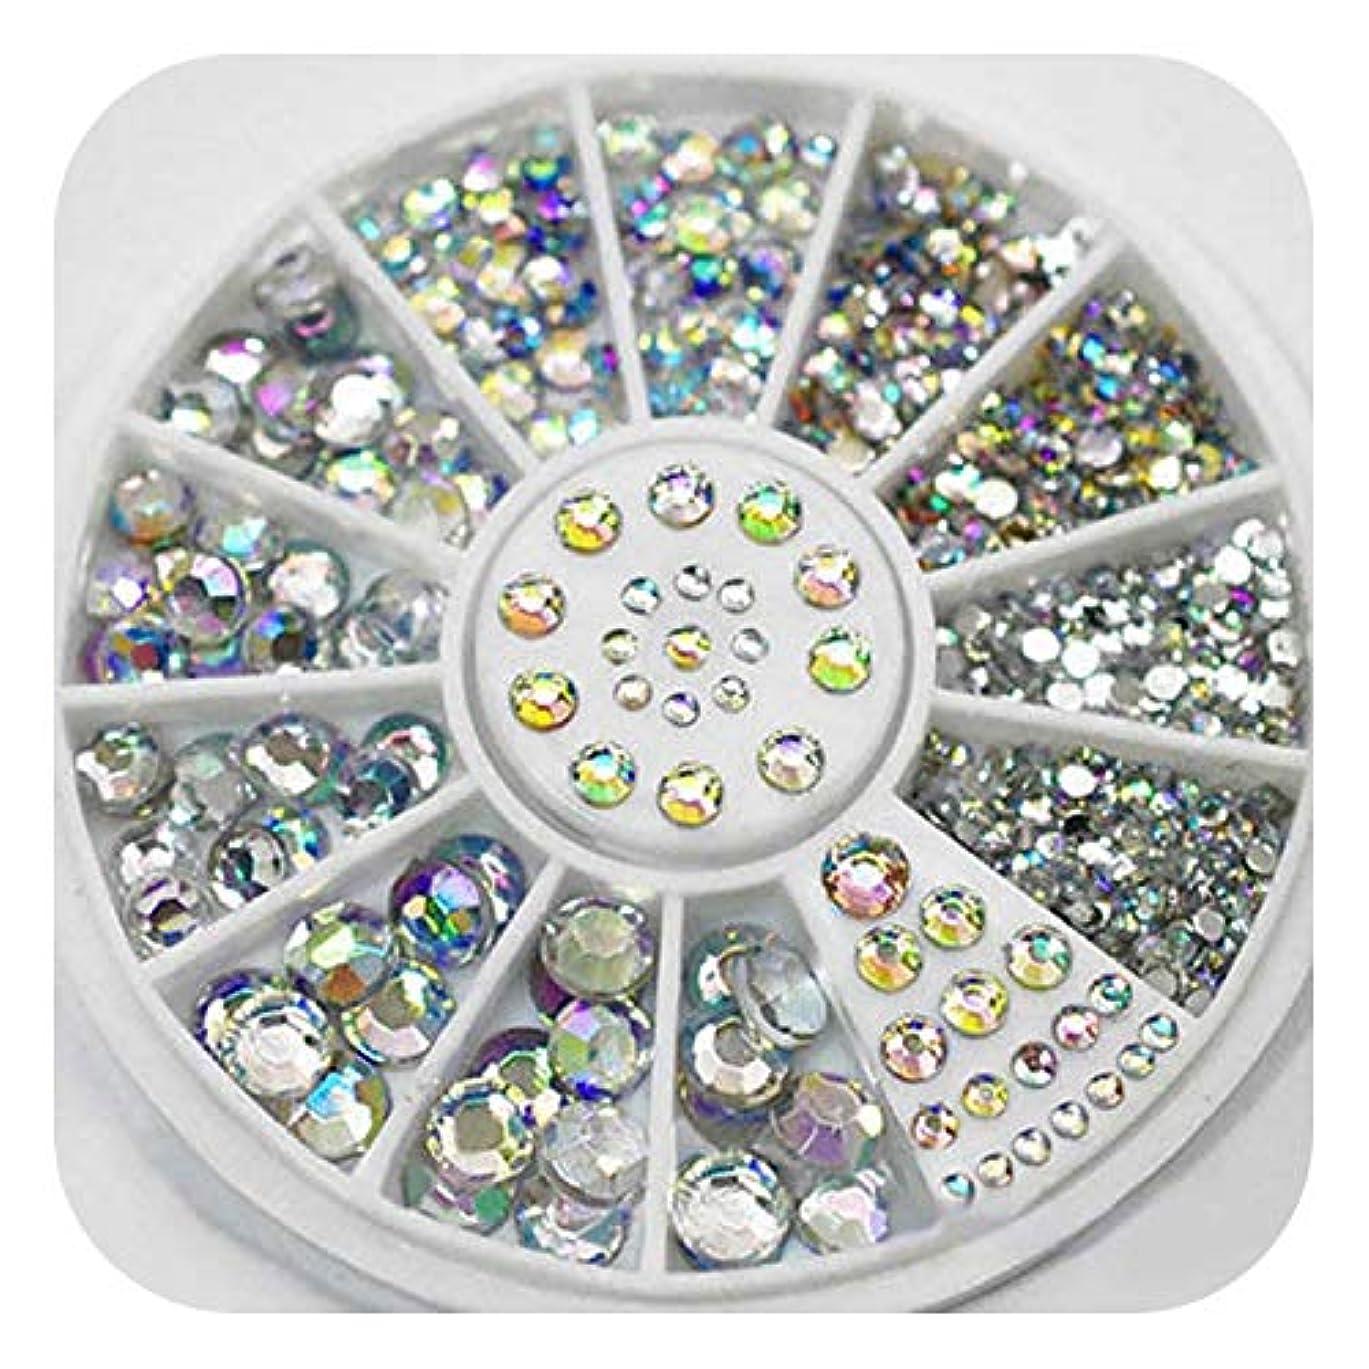 好み言うまでもなくトラックダイヤモンドのまばゆいばかりのヒントネイルステッカースパンコールカラークリスタルパッチネイルアート,China